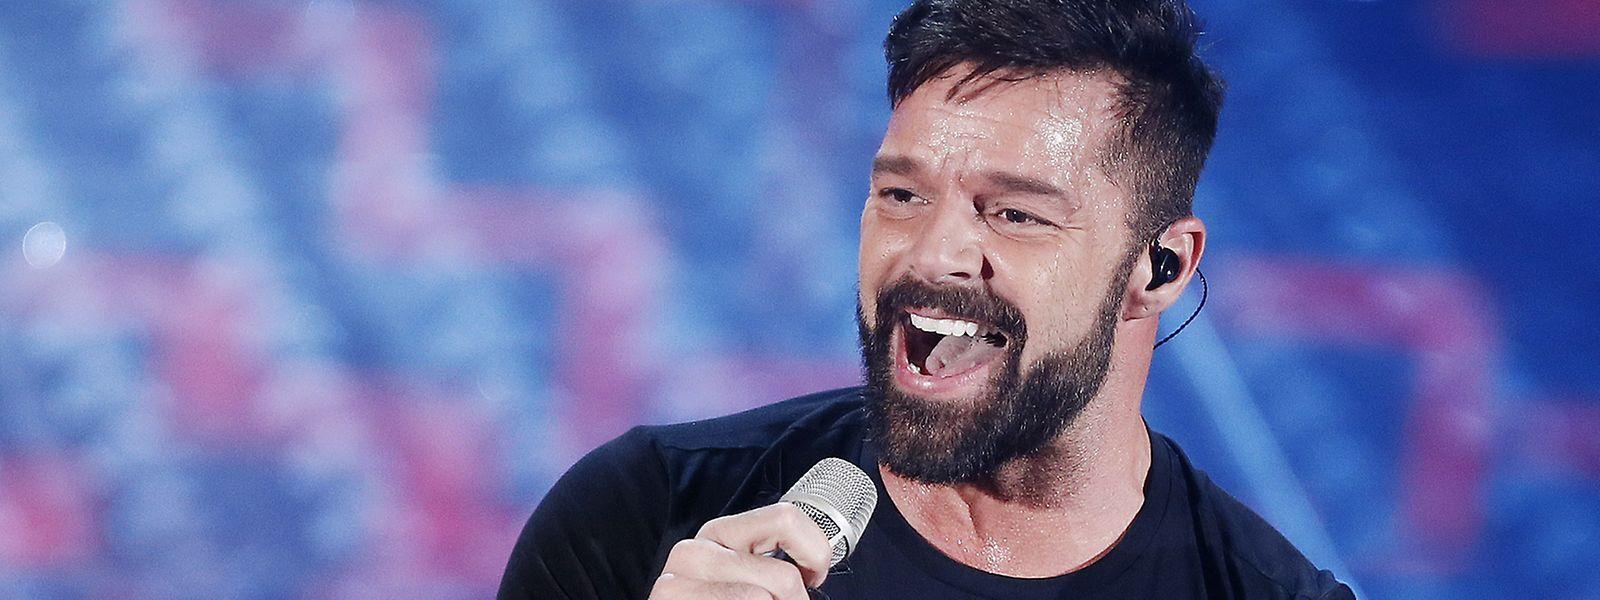 """Ein Sänger, der auch die Kamera liebt: Ricky Martin würde gerne häufiger als Schauspieler in Erscheinung treten. Im neuen Netflix-Film """"Jingle Jangle"""" ist nur seine Stimme zu hören."""